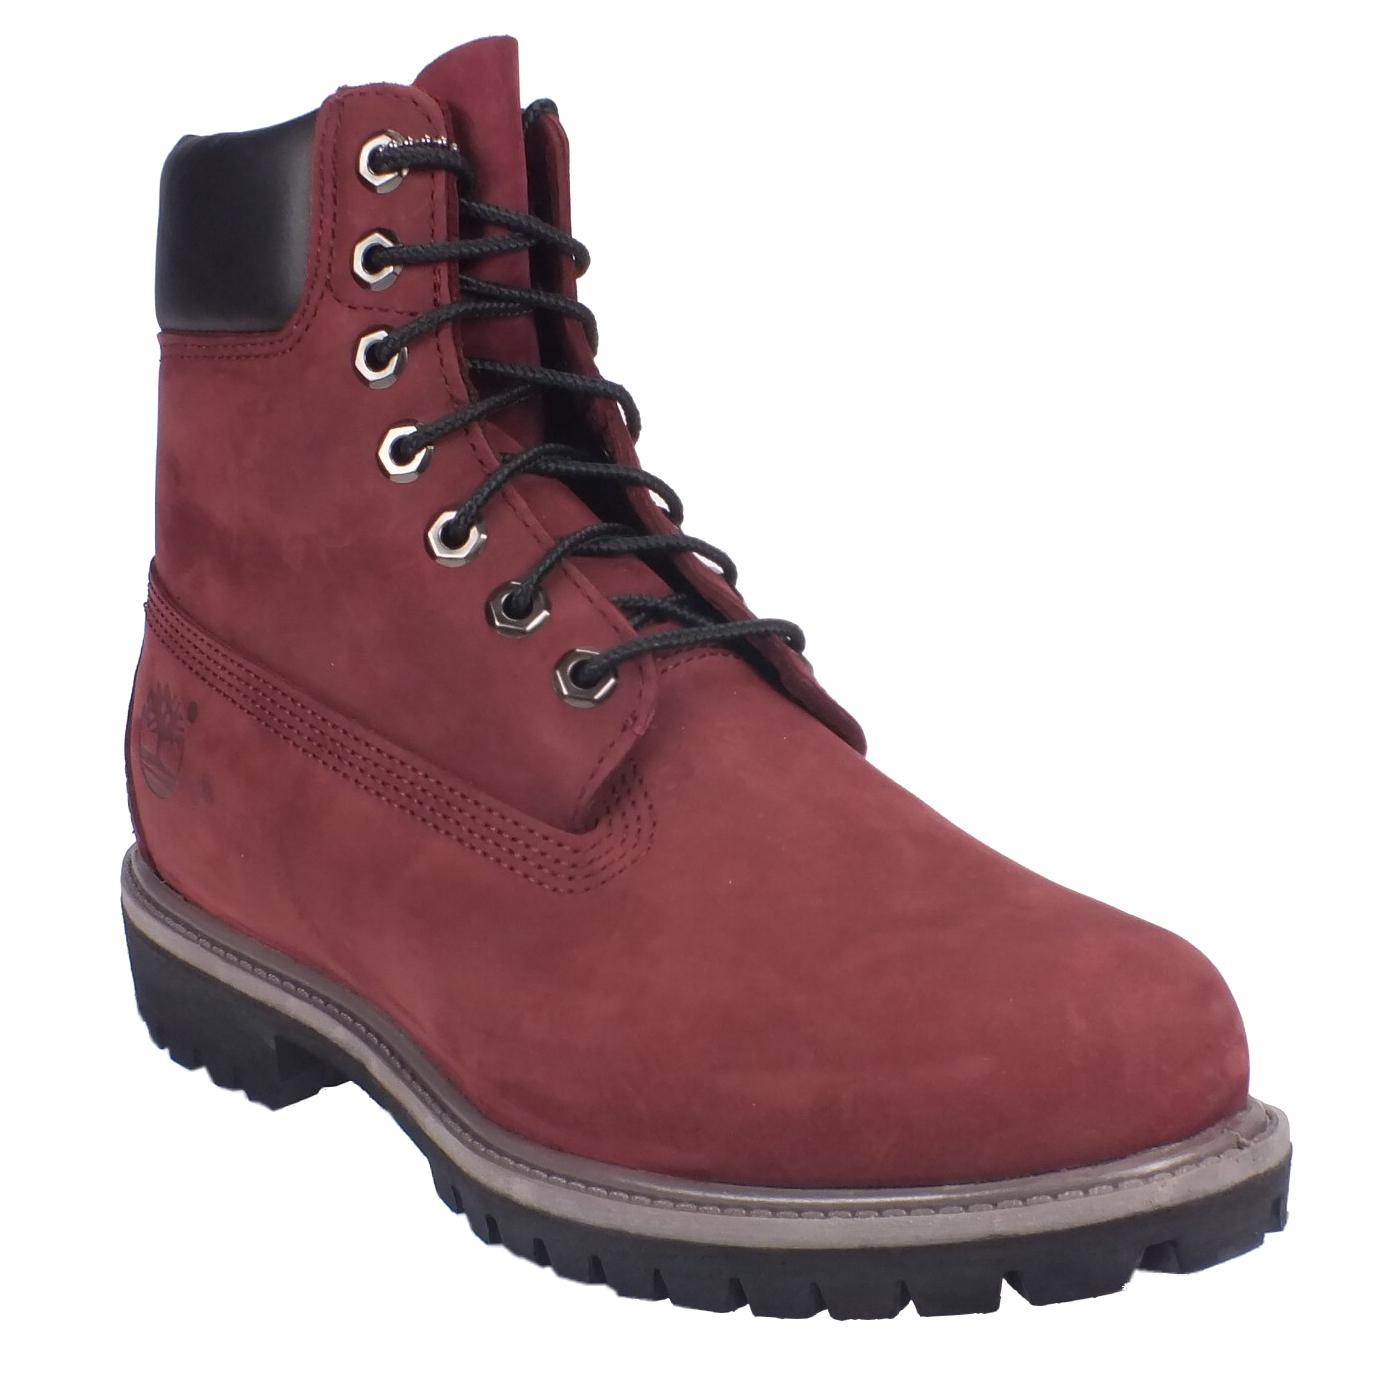 Timberland-6-Inch-Premium-Waterproof-Boot-Schuhe-Stiefel-Winterstiefel-Herren